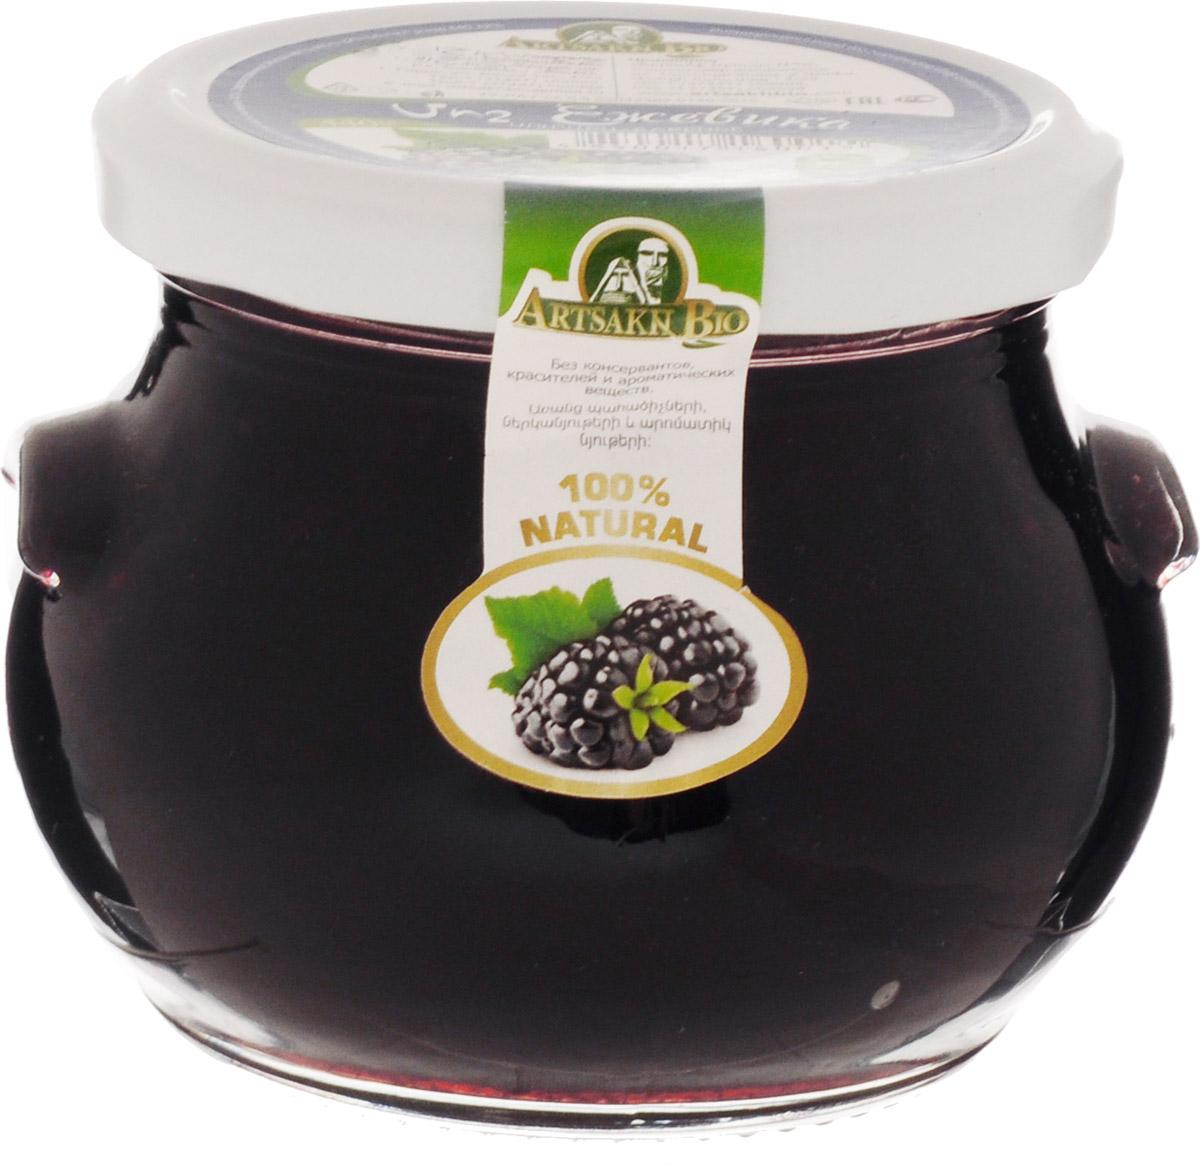 Artsakh Bio варенье из ежевики, 440 г130211020004Кроме великолепного вкуса и внешней красоты, ежевика обладает полезными и лечебными (целебными) свойствами. Ягоды ежевики богаты глюкозой, фруктозой, витамином С, каротином, органическими кислотами и токоферолами. В результате полезных свойств ежевику используют для лечения болезней почек, мочевого пузыря, при диабете и воспалениях суставов. Ягоды ежевики содержат большое количество биофлавоноидов, которые действуют как антиоксиданты, оказывают противовоспалительное, противоотечное действие, укрепляют стенки кровеносных сосудов и усиливают действие витамина С.